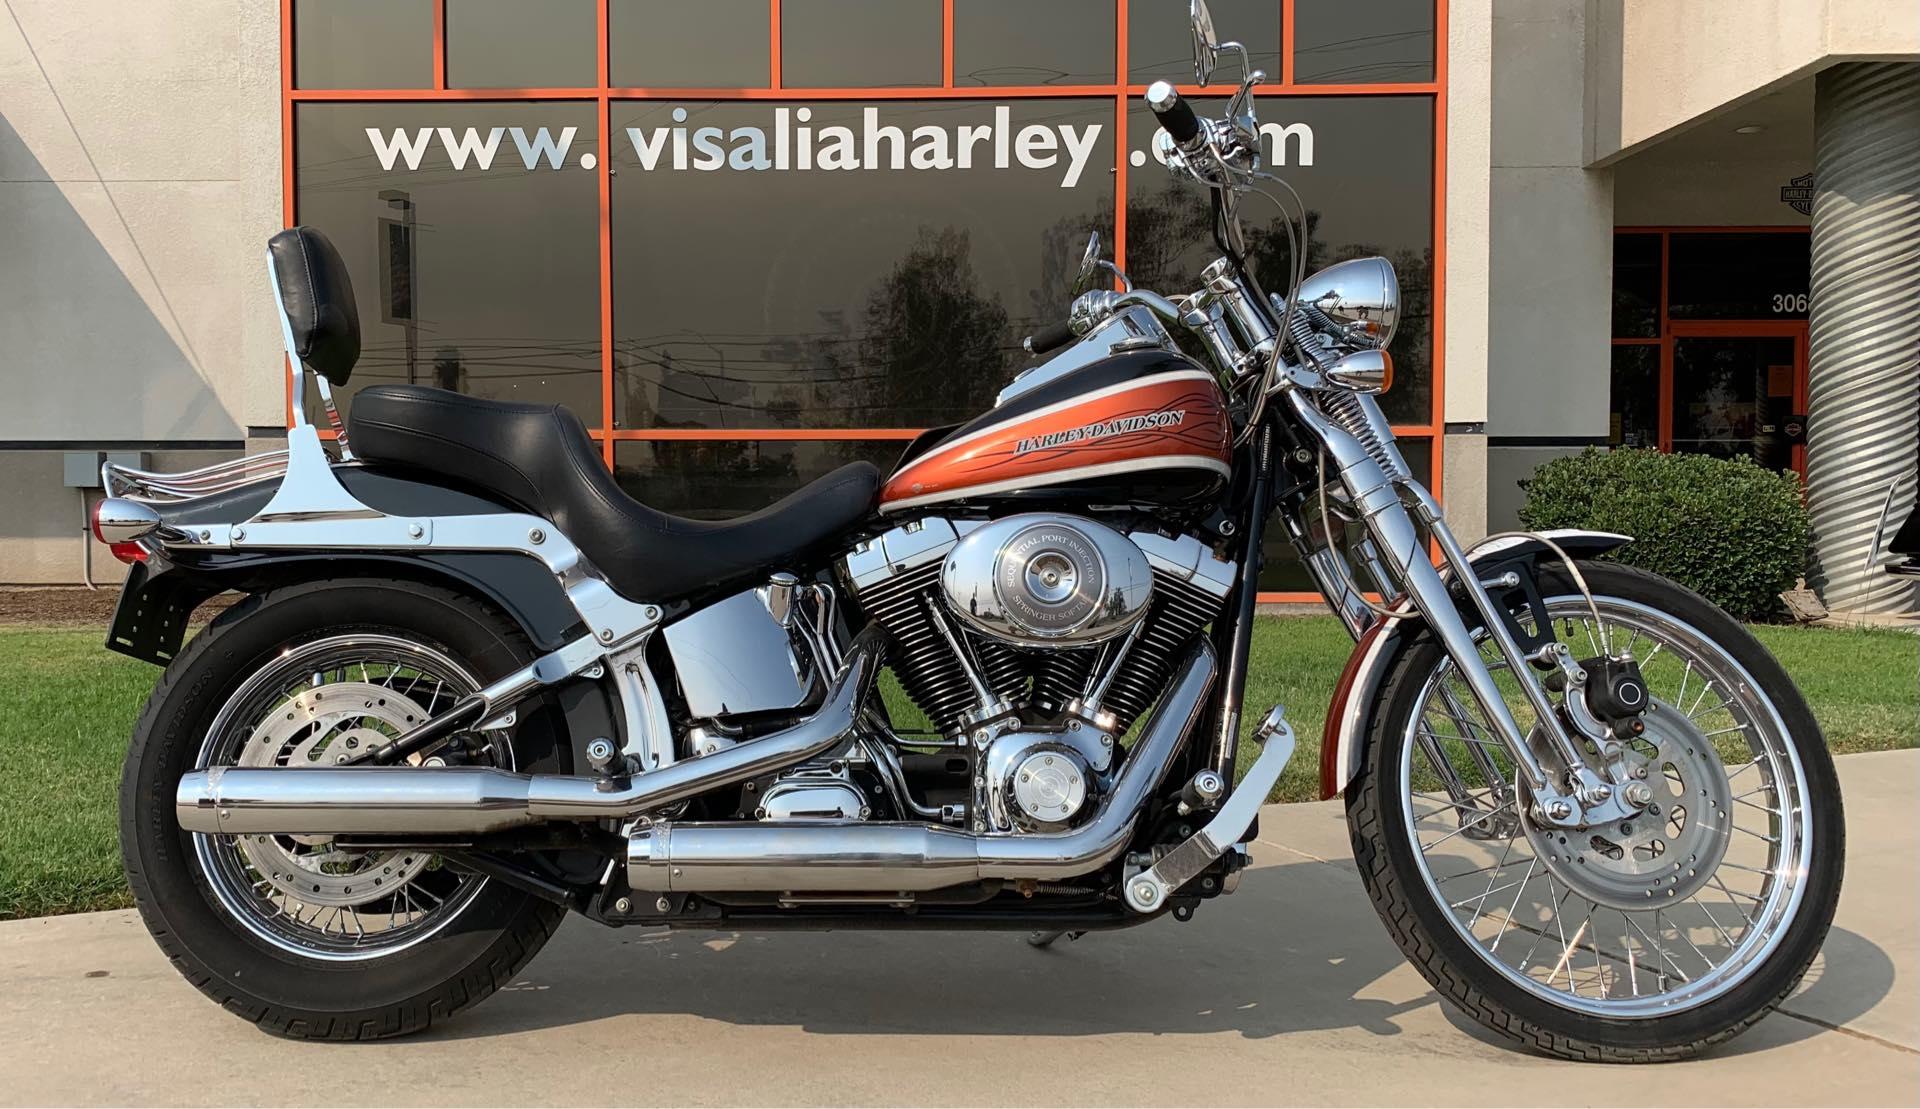 2005 Harley-Davidson Softail Springer Softail at Visalia Harley-Davidson